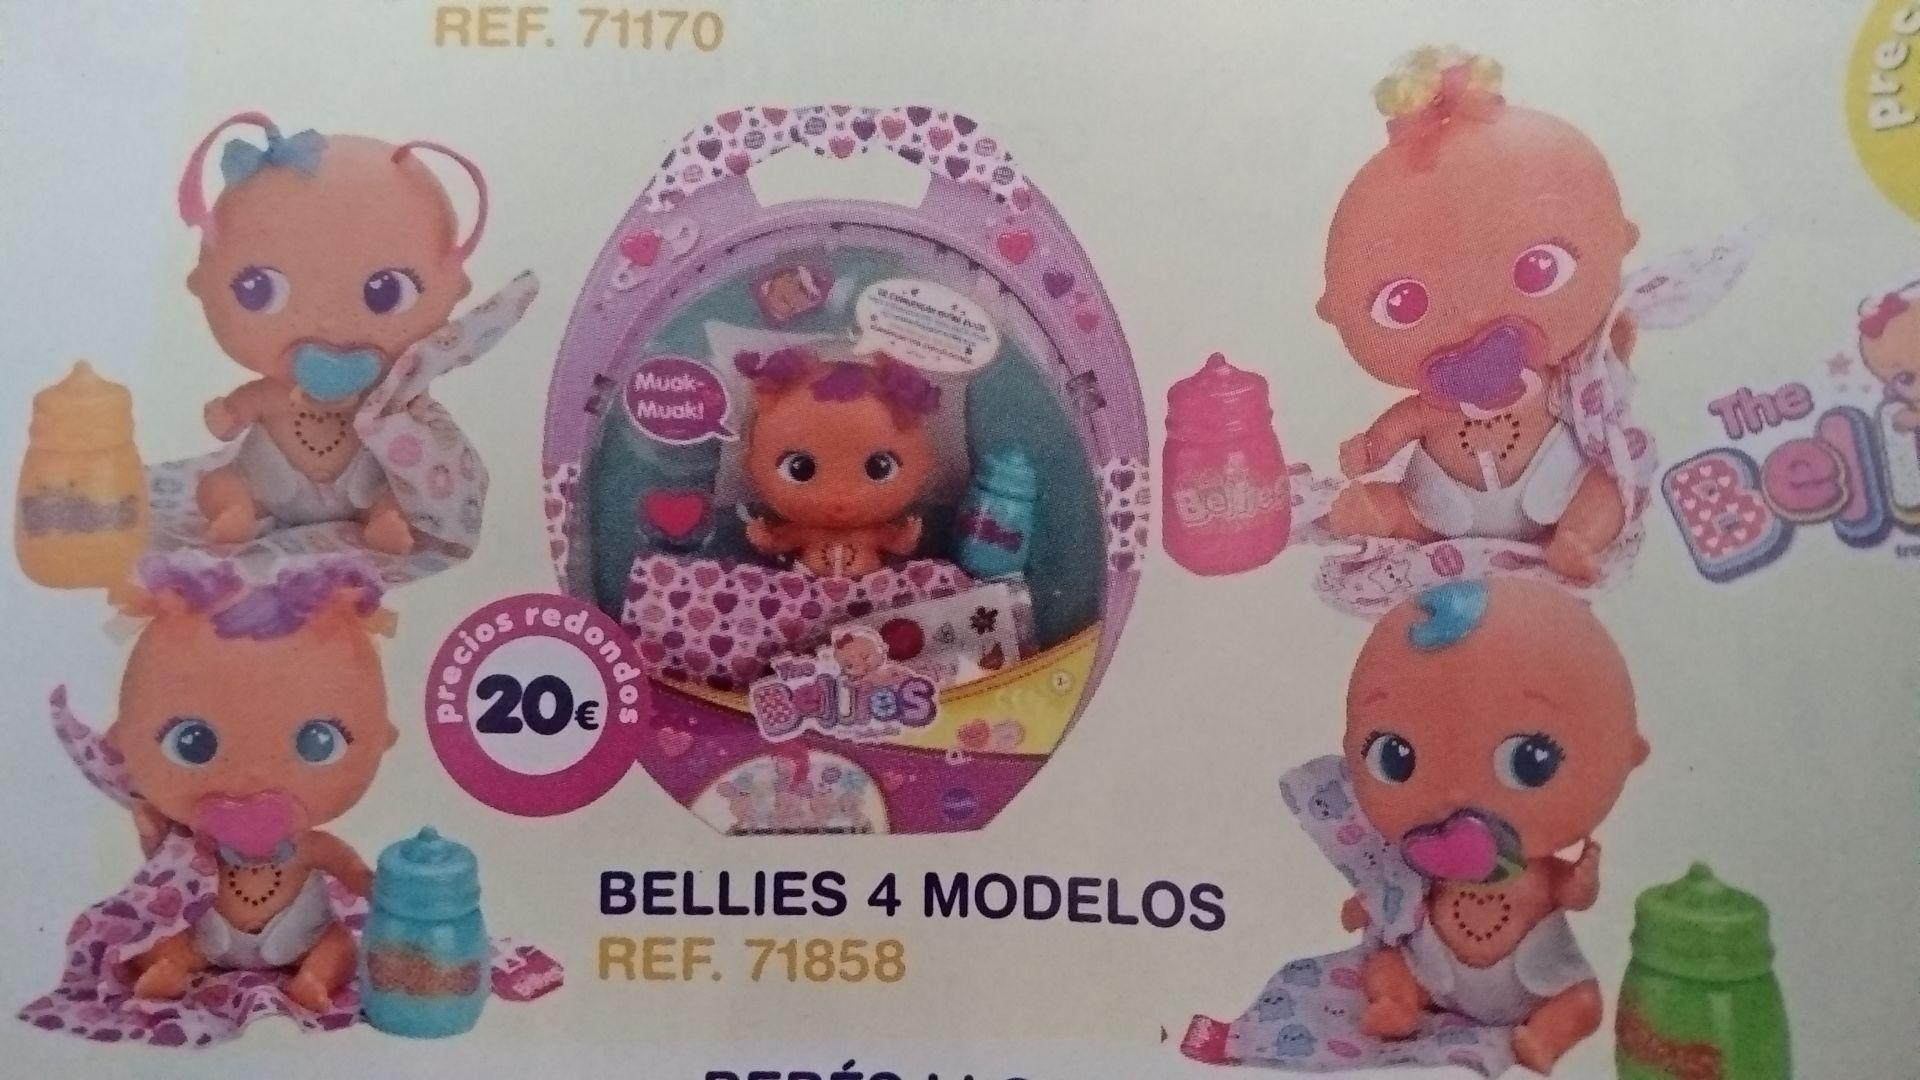 Muñecas Bellies 4 modelos en tiendas MGI